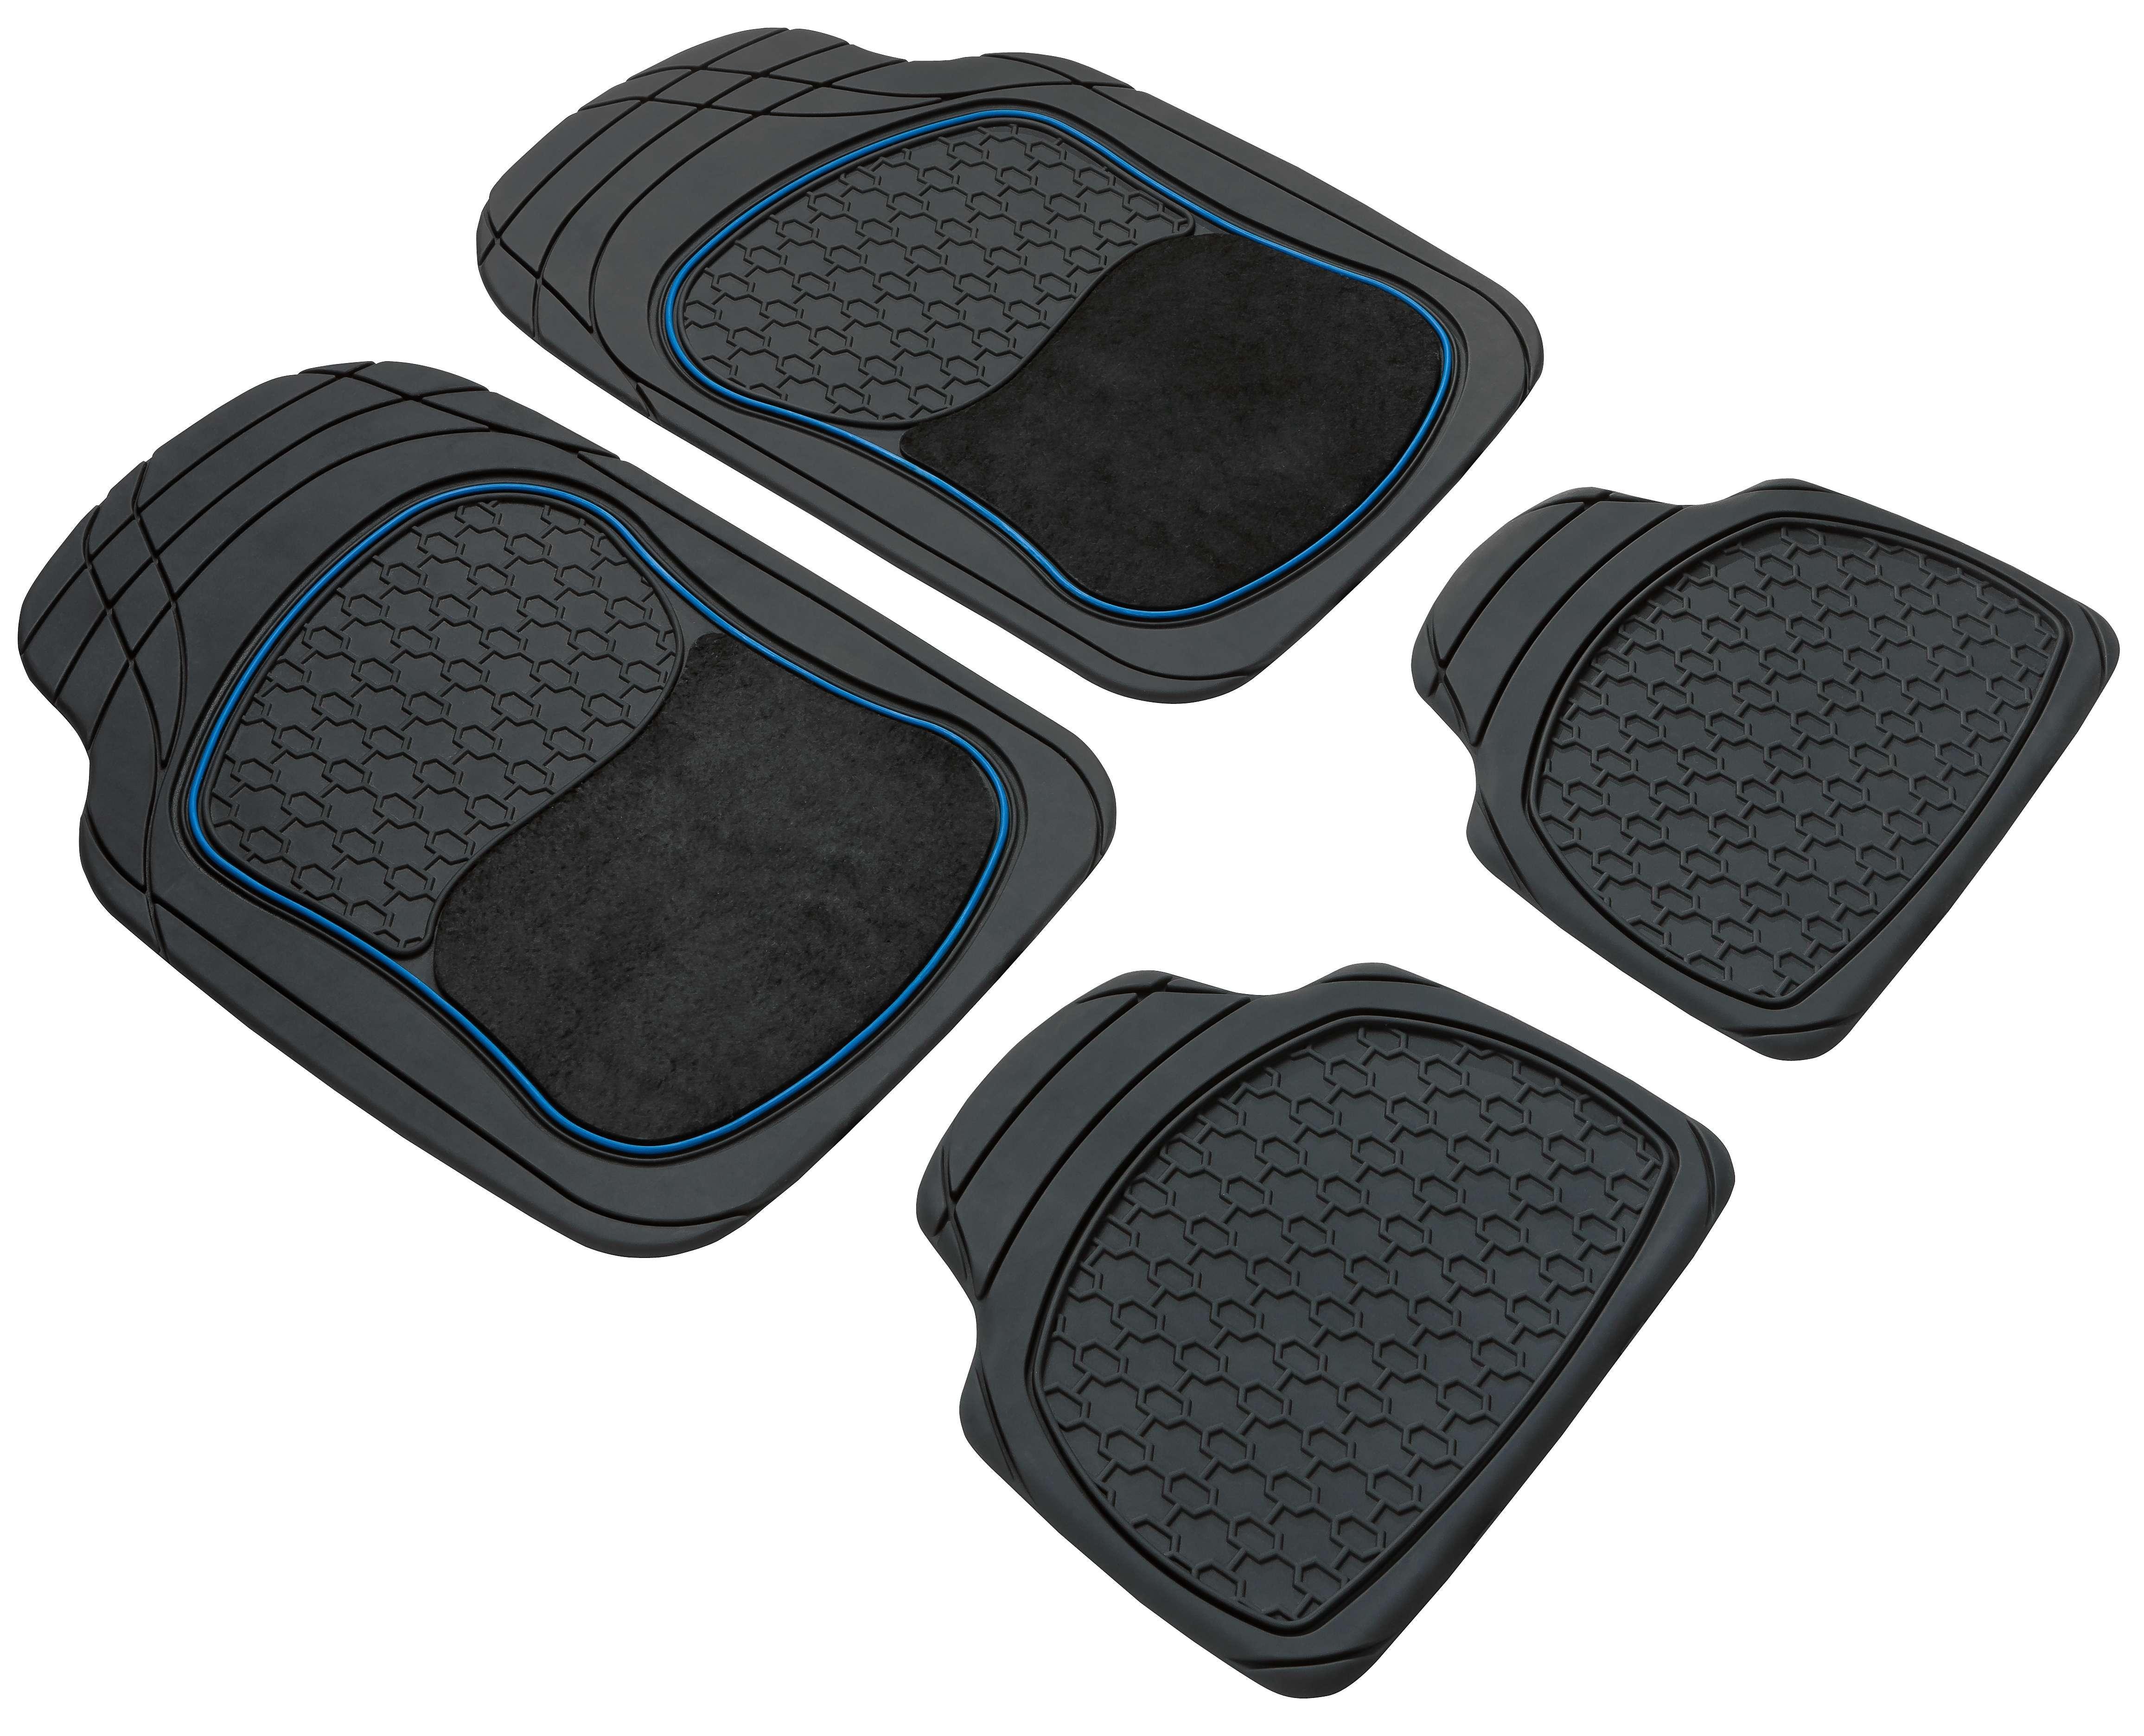 28014 WALSER Universeel geschikt, Royal Rubber, voor en achter, Aantal: 4, Blauw, Zwart Grootte: 40 x 46, 70 x 48.5 Vloermatset 28014